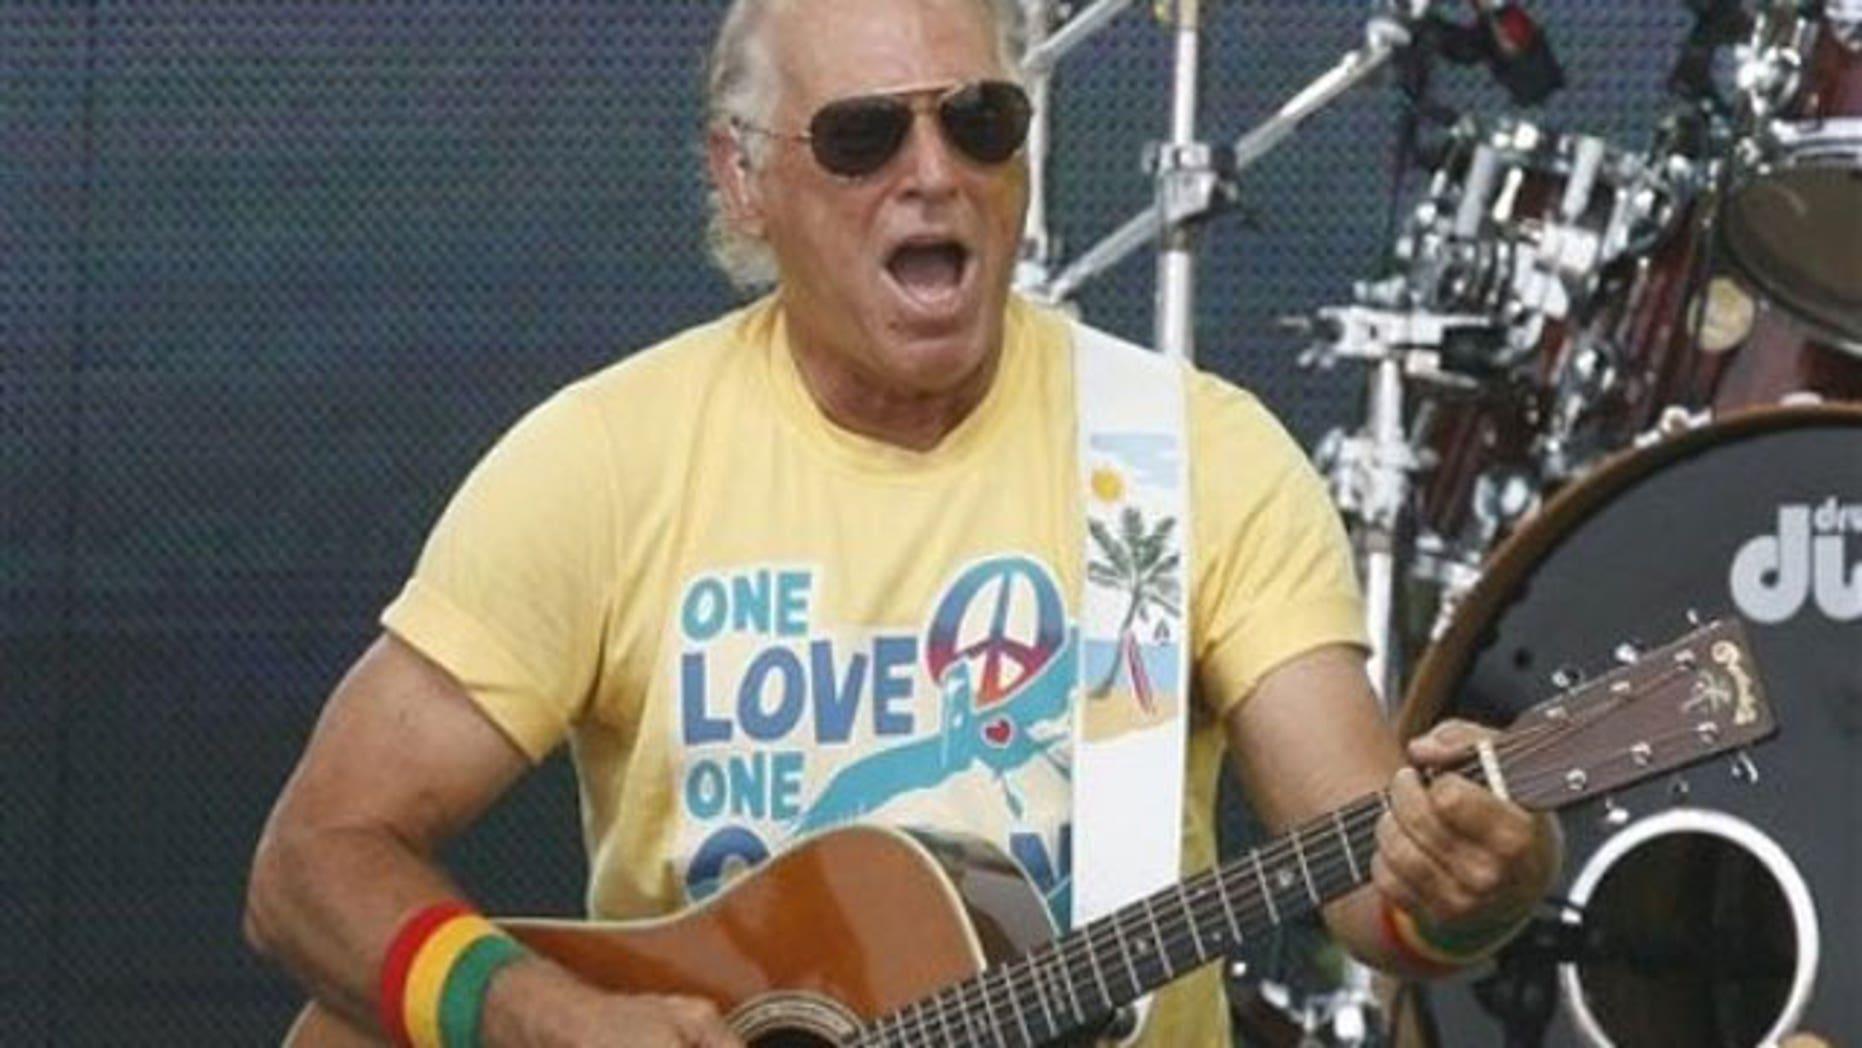 Singer Jimmy Buffett